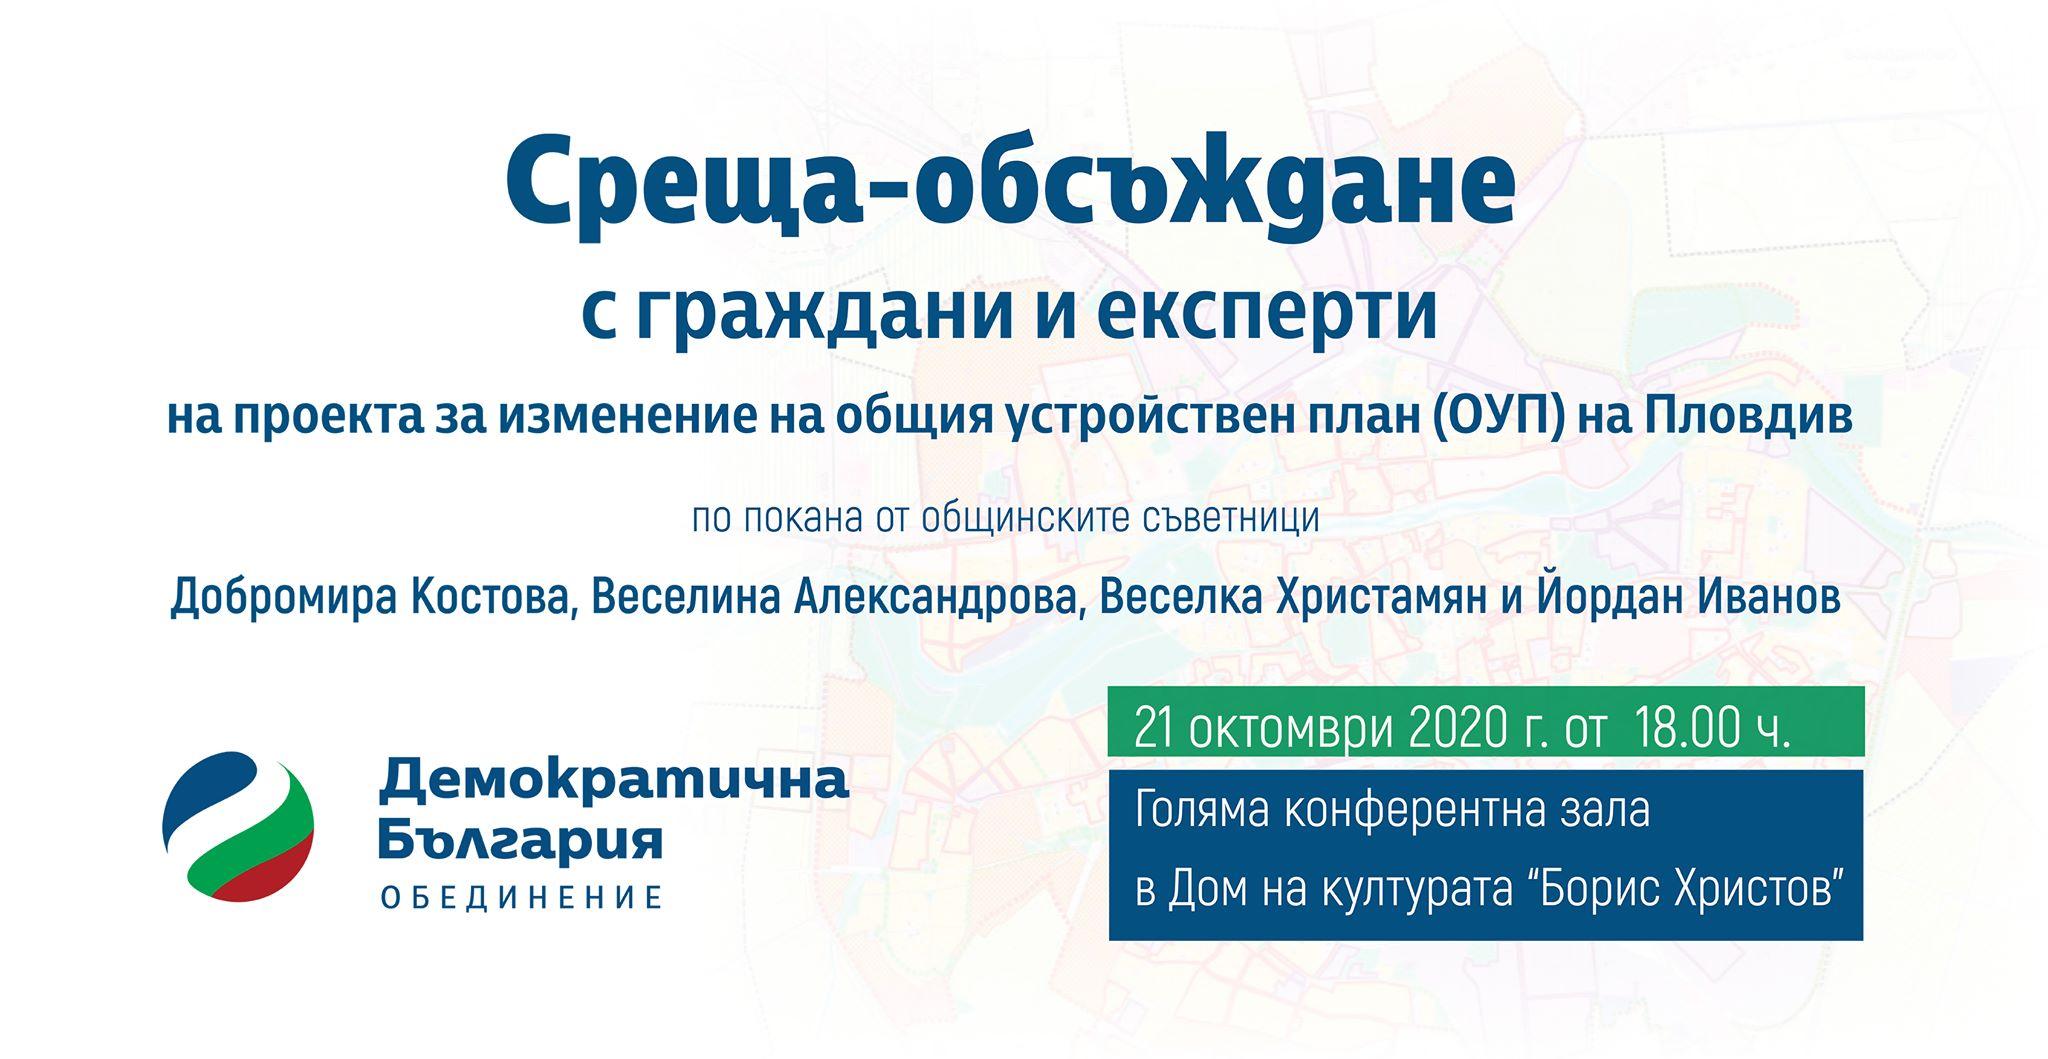 ДБ организира среща-осбъждане с граждани и експерти